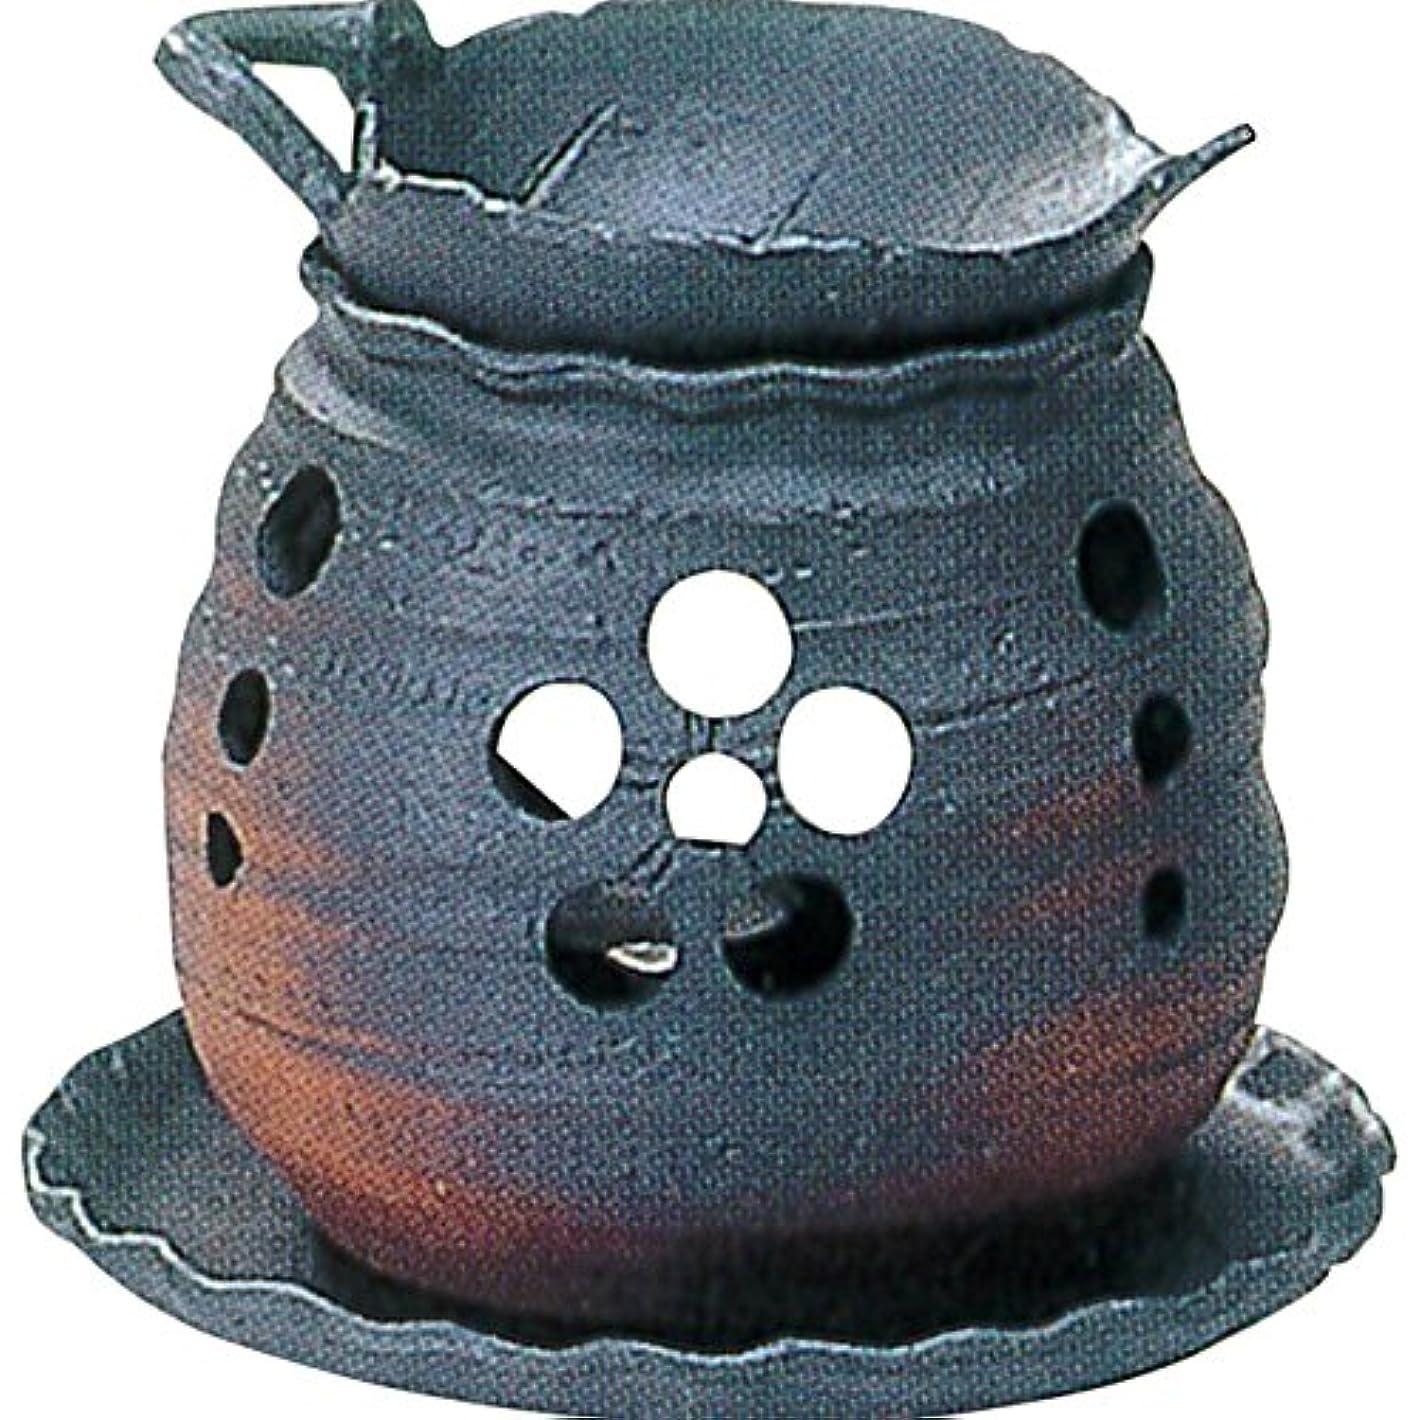 注目すべきしなければならない密常滑焼 ゆとり 茶香炉?カ39-05